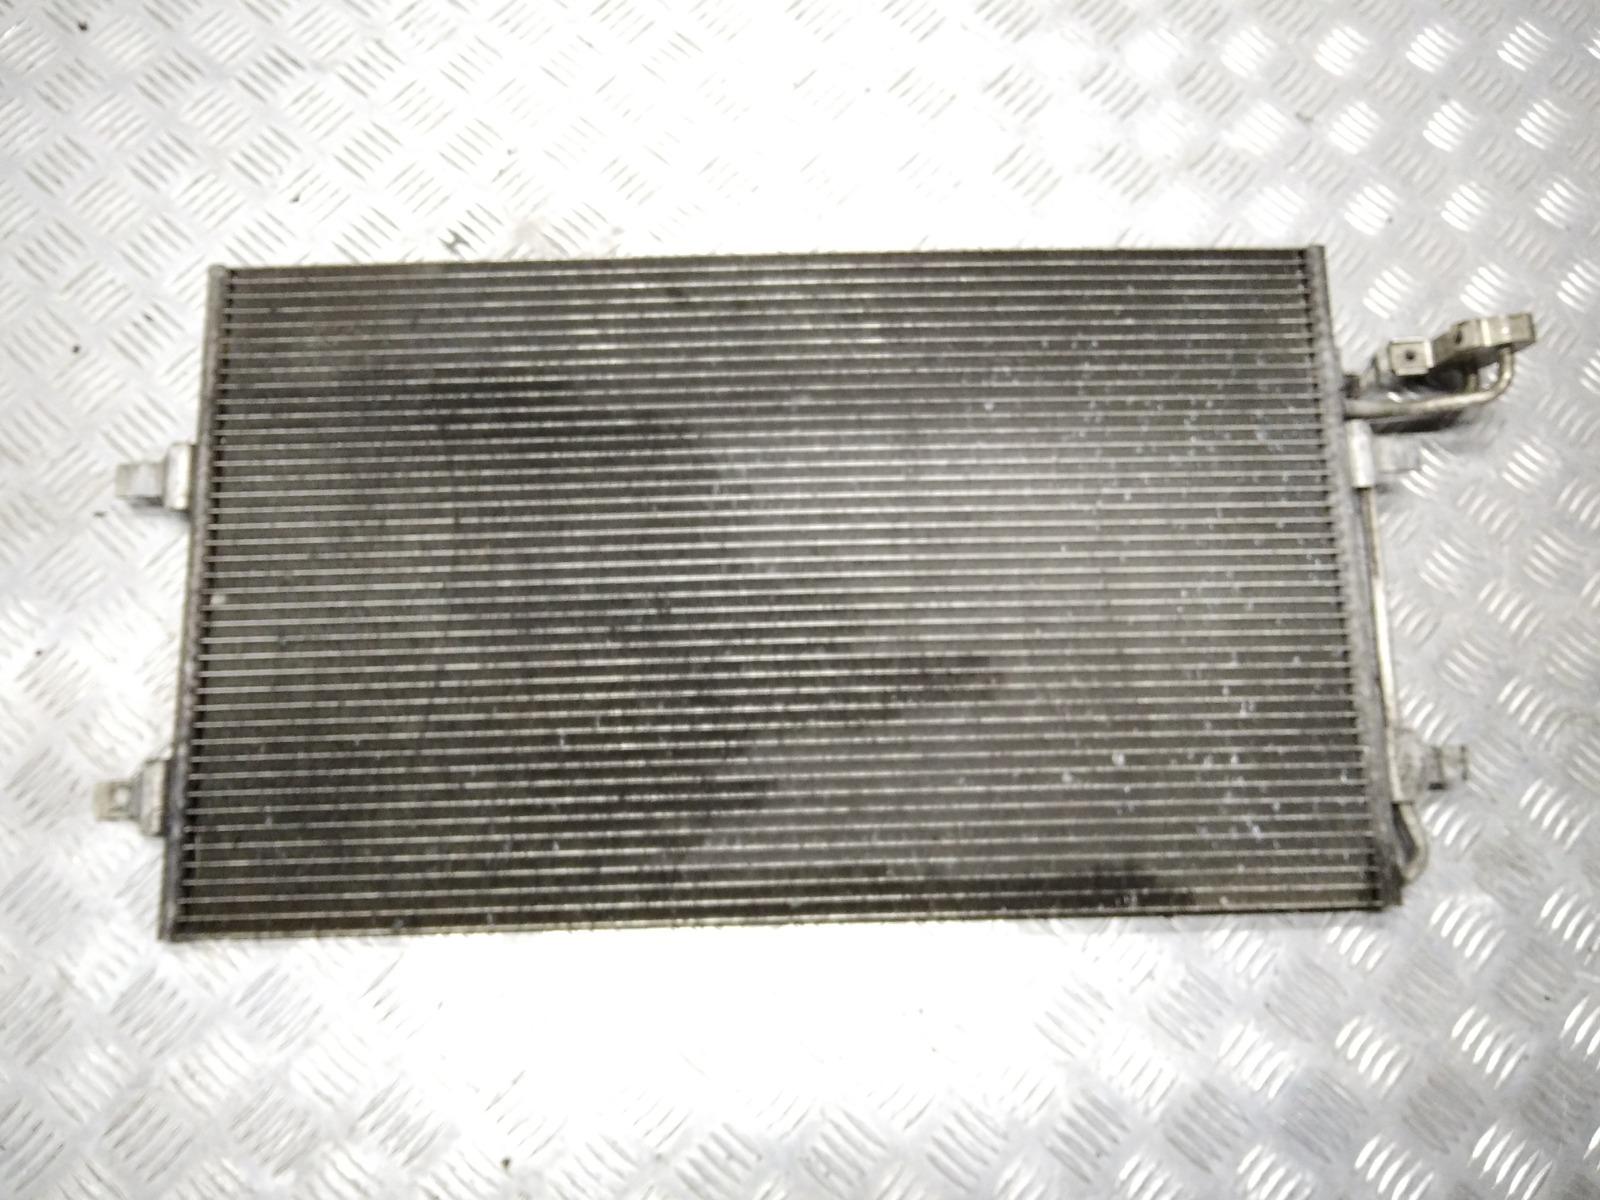 Радиатор кондиционера Volvo S40 1.8 I 2005 (б/у)